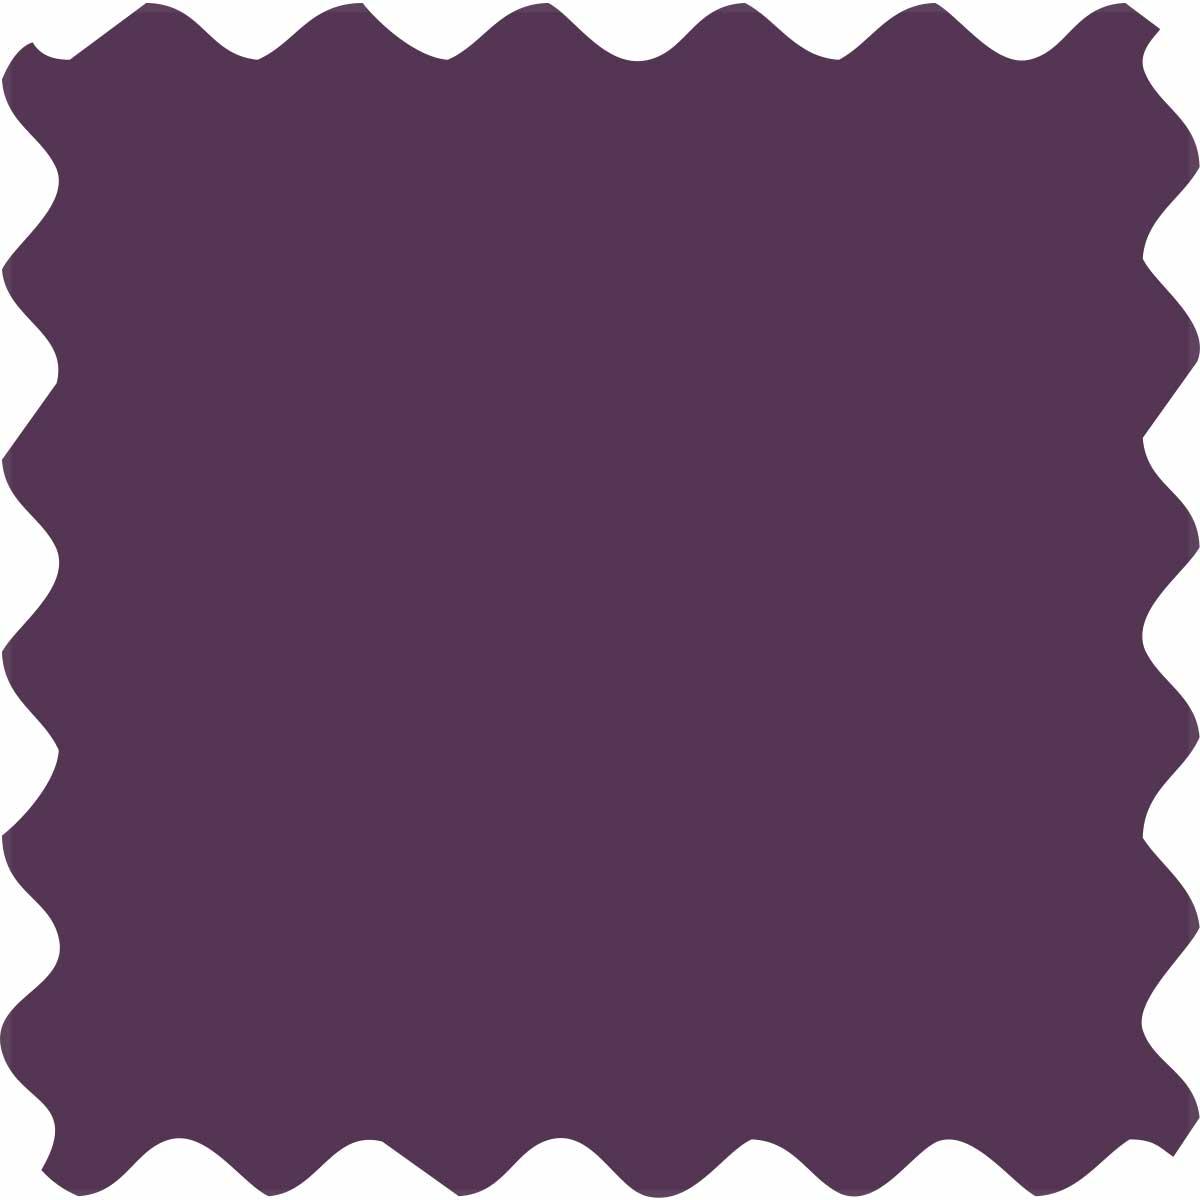 Fabric Creations™ Plush™ 3-D Fabric Paints - Grape Fizz, 2 oz. - 26342